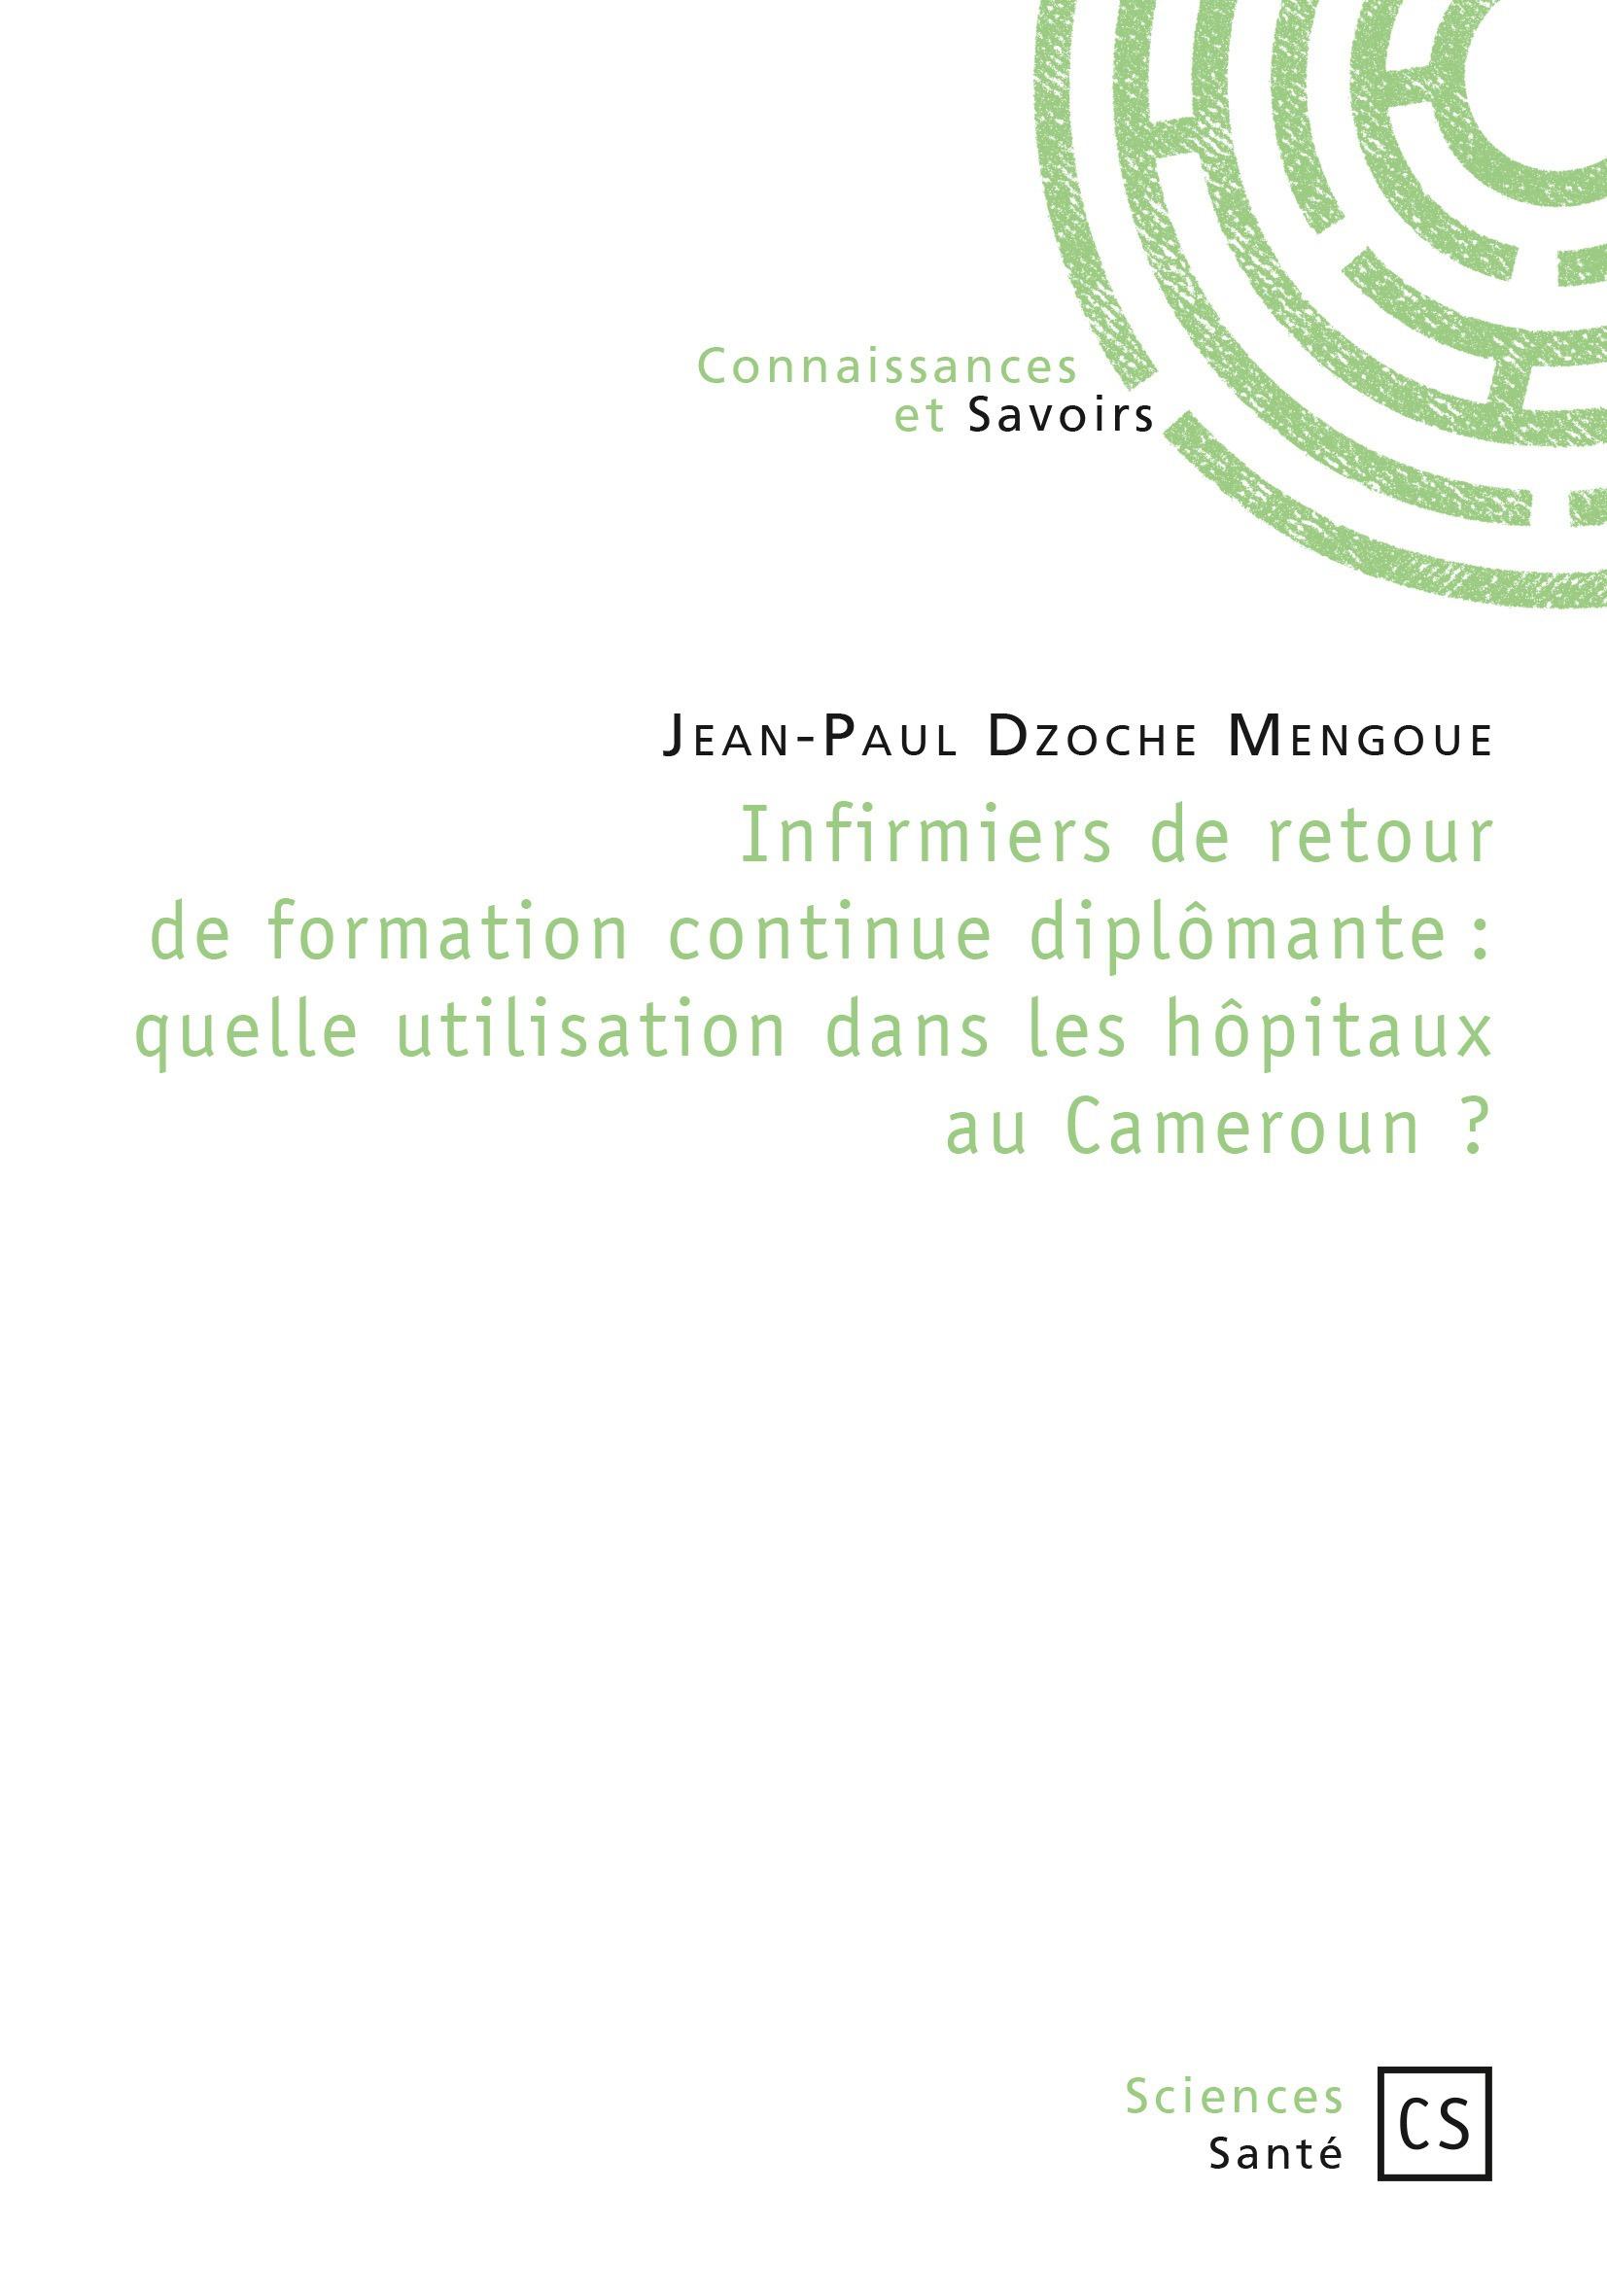 Jean-Paul Dzoche Mengoué Infirmiers de retour de formation continue diplômante : quelle utilisation dans les hôpitaux au Cameroun ?